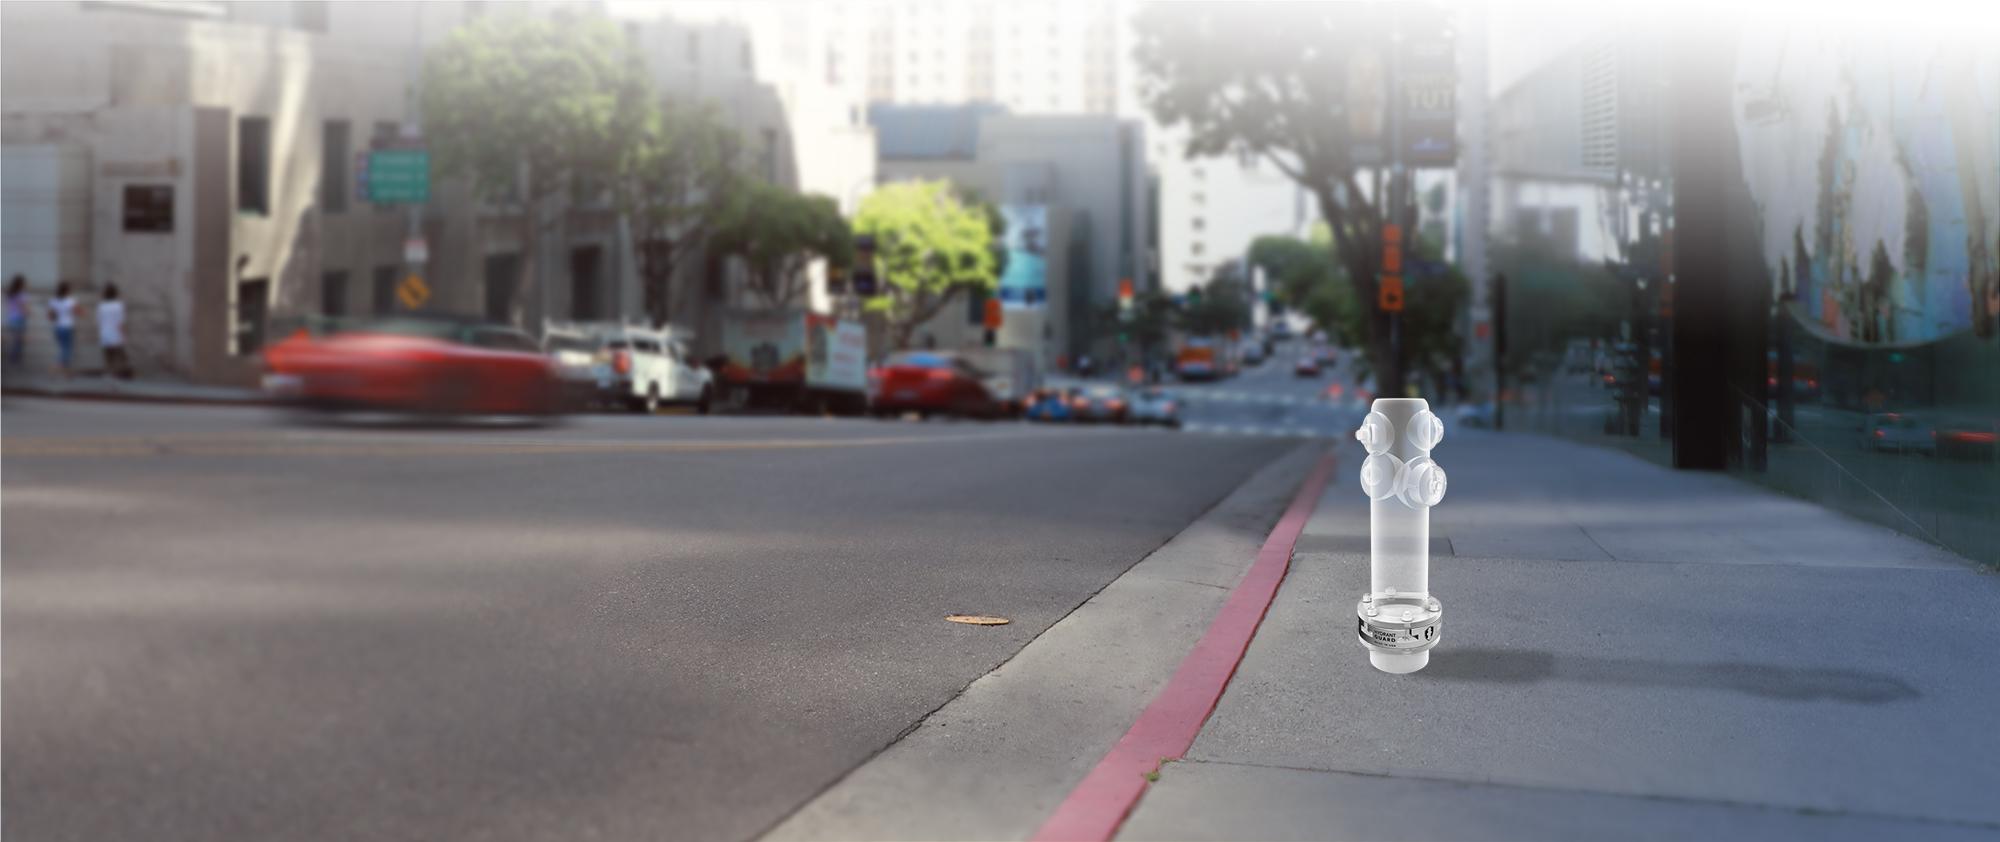 Hydrant Guard on LA street - assembled